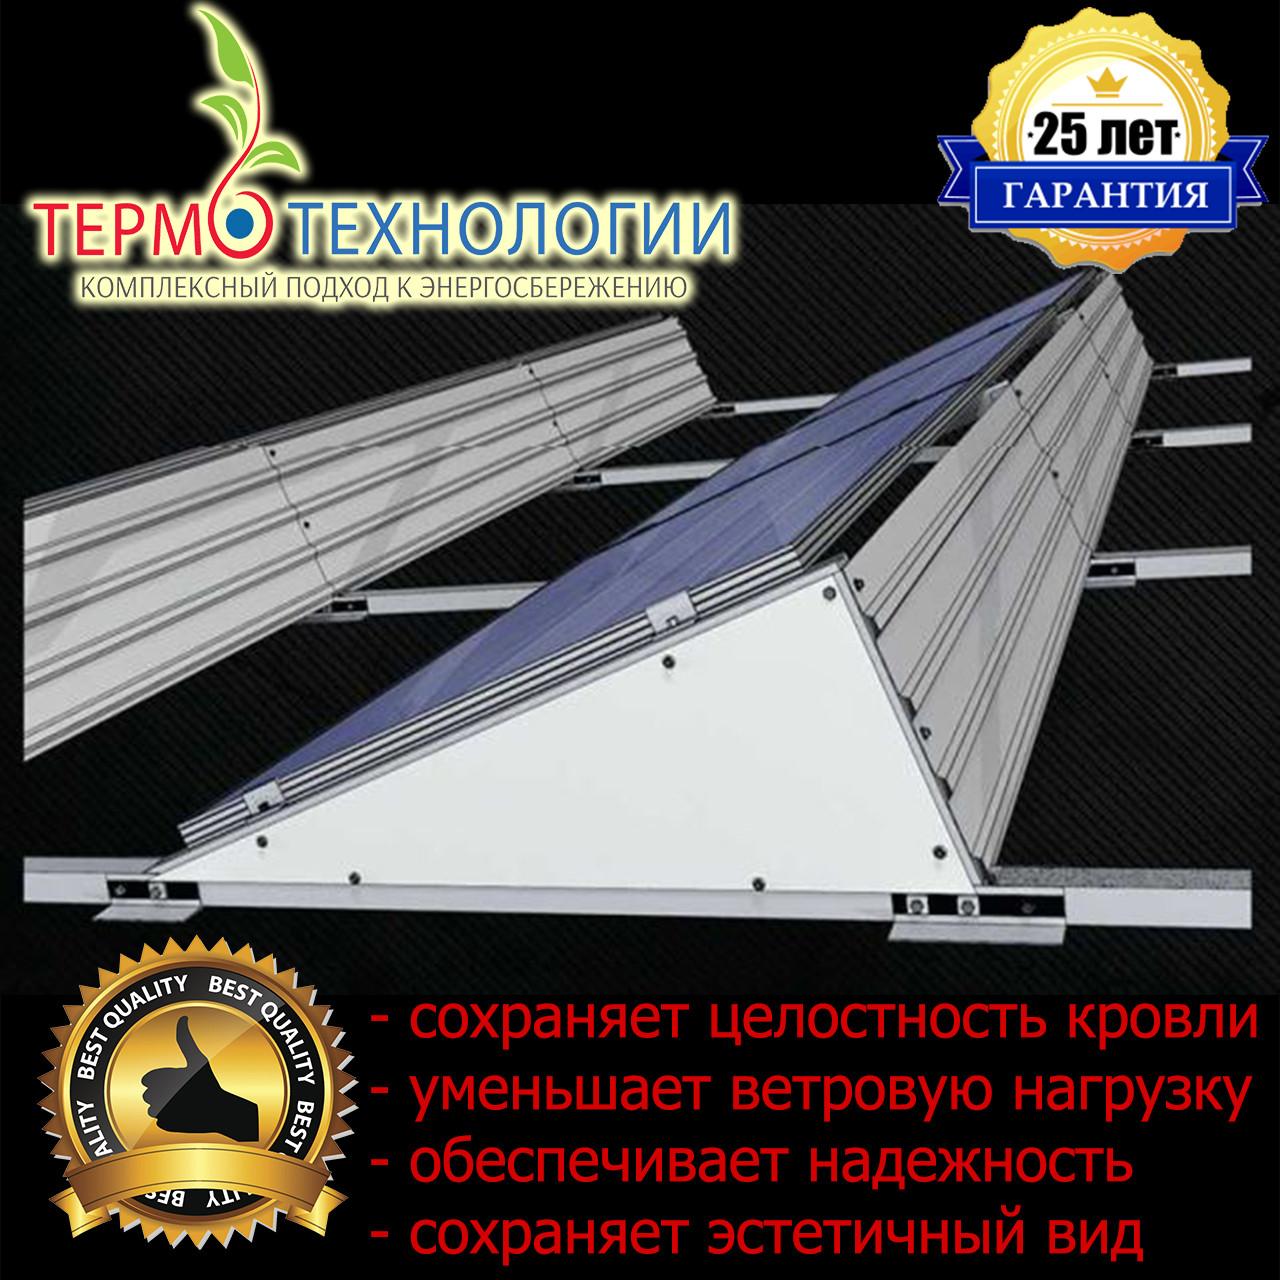 Система креплений солнечных батарей для размещения на крыше, балластная